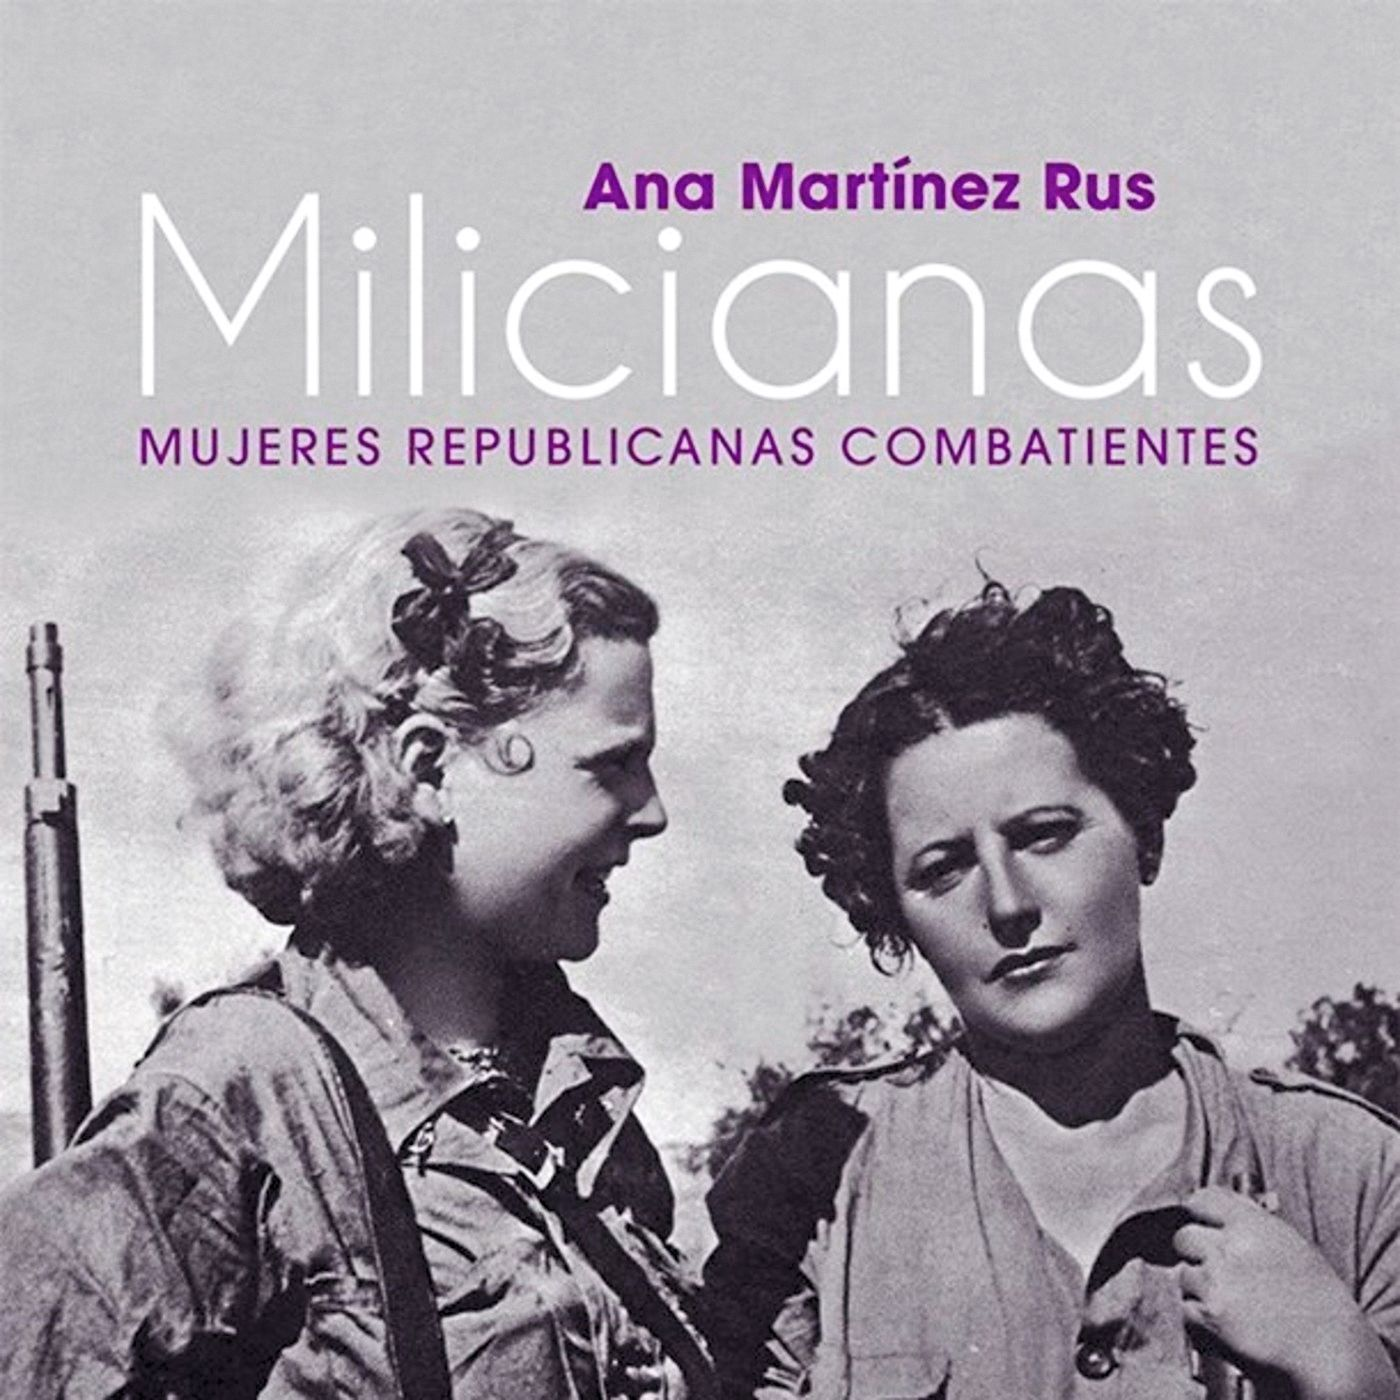 Ana Martínez Rus, Milicianas. Mujeres republicanas combatientes, 2018.